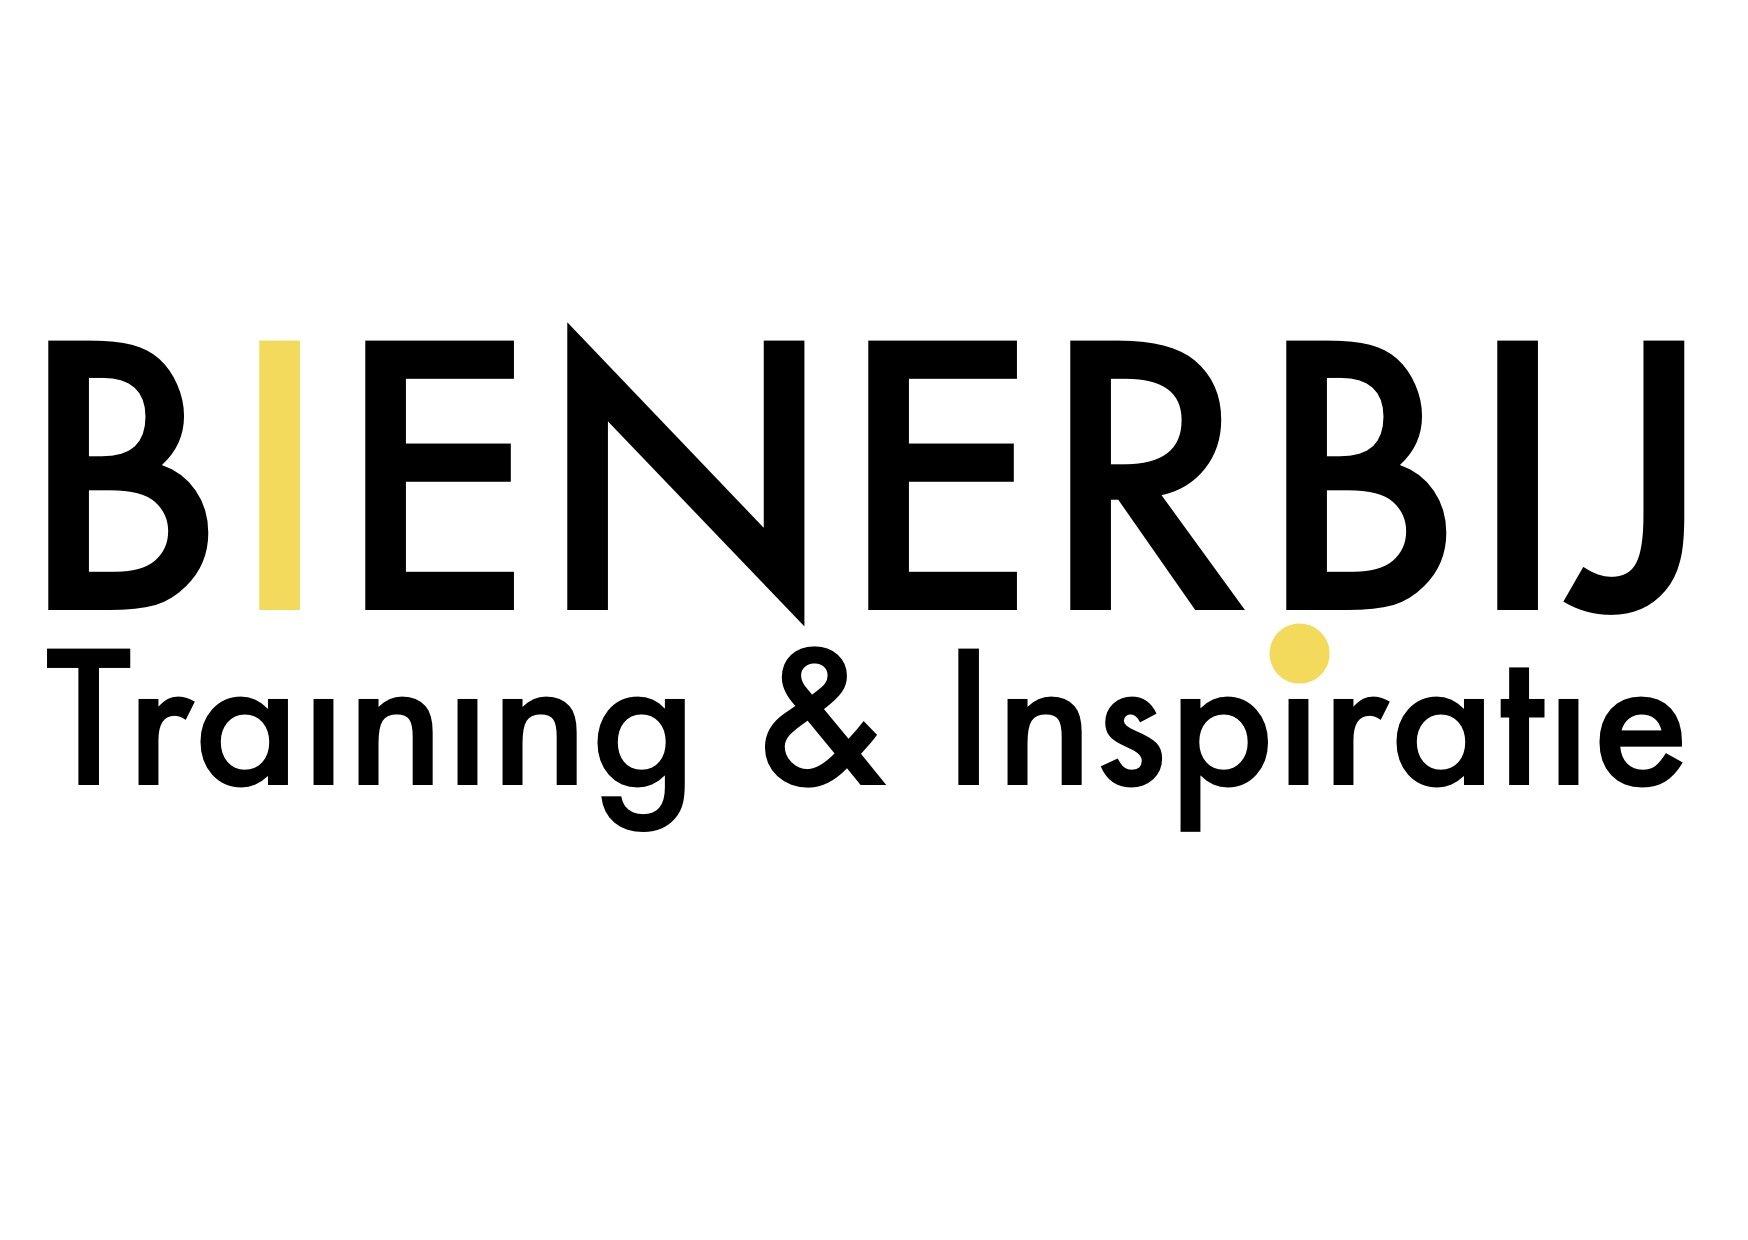 Partner Bienderbij voor talentontwikkeling